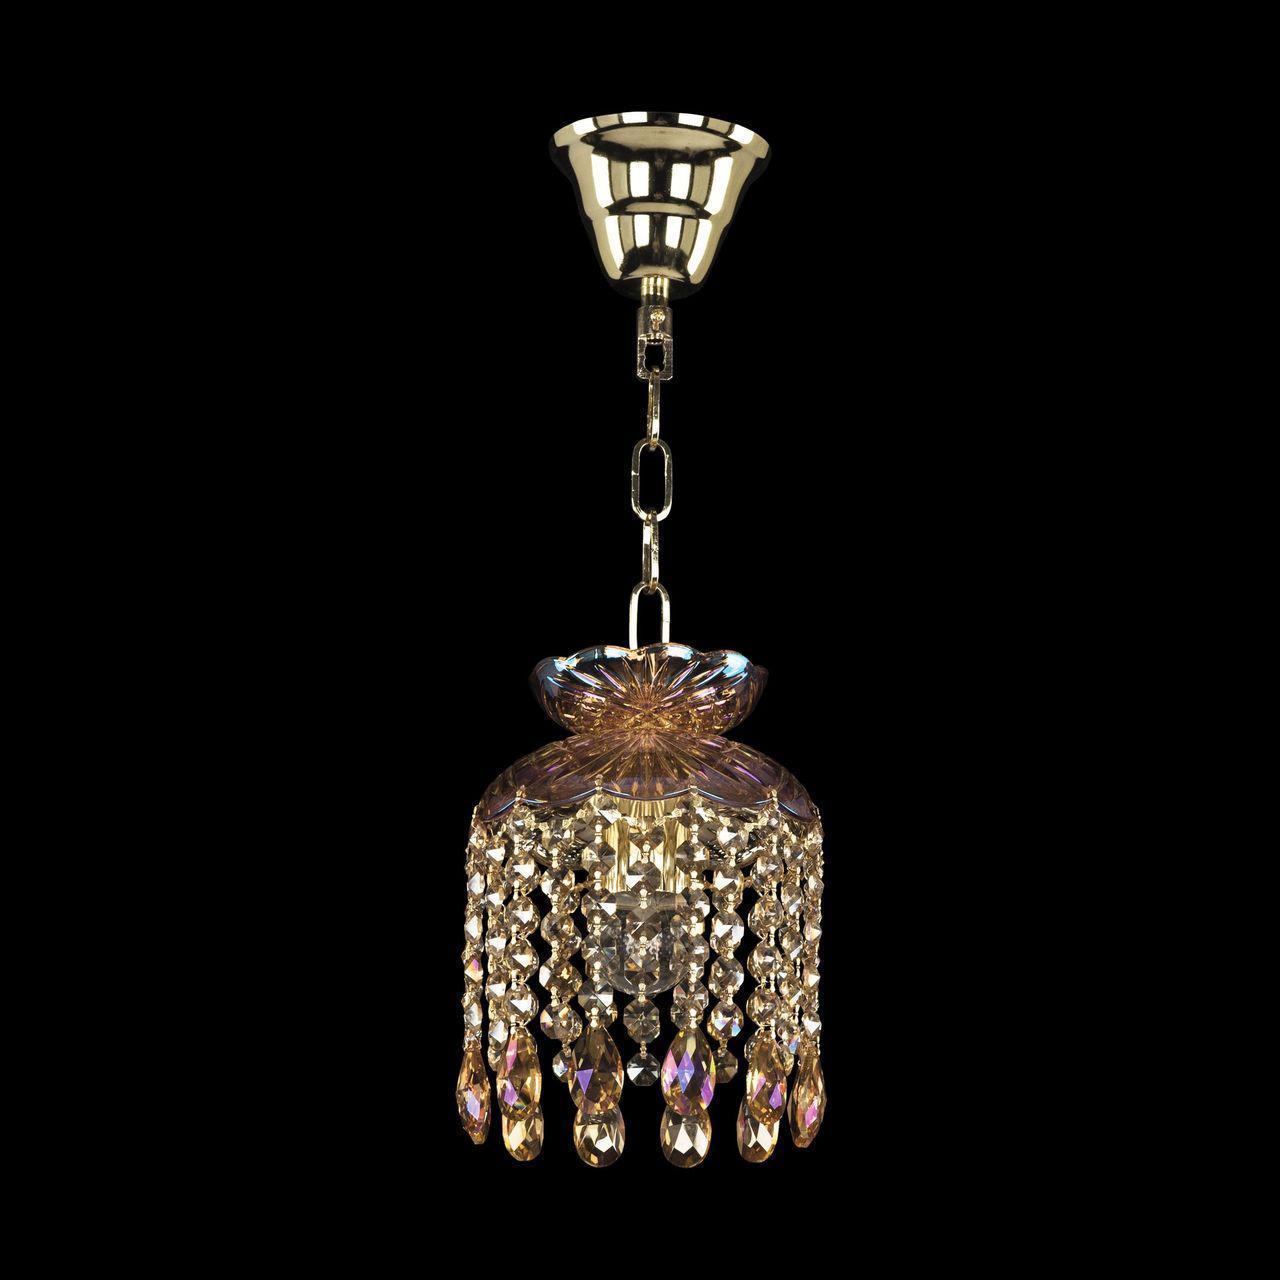 Подвесной светильник Bohemia Ivele 14781/15 G M777